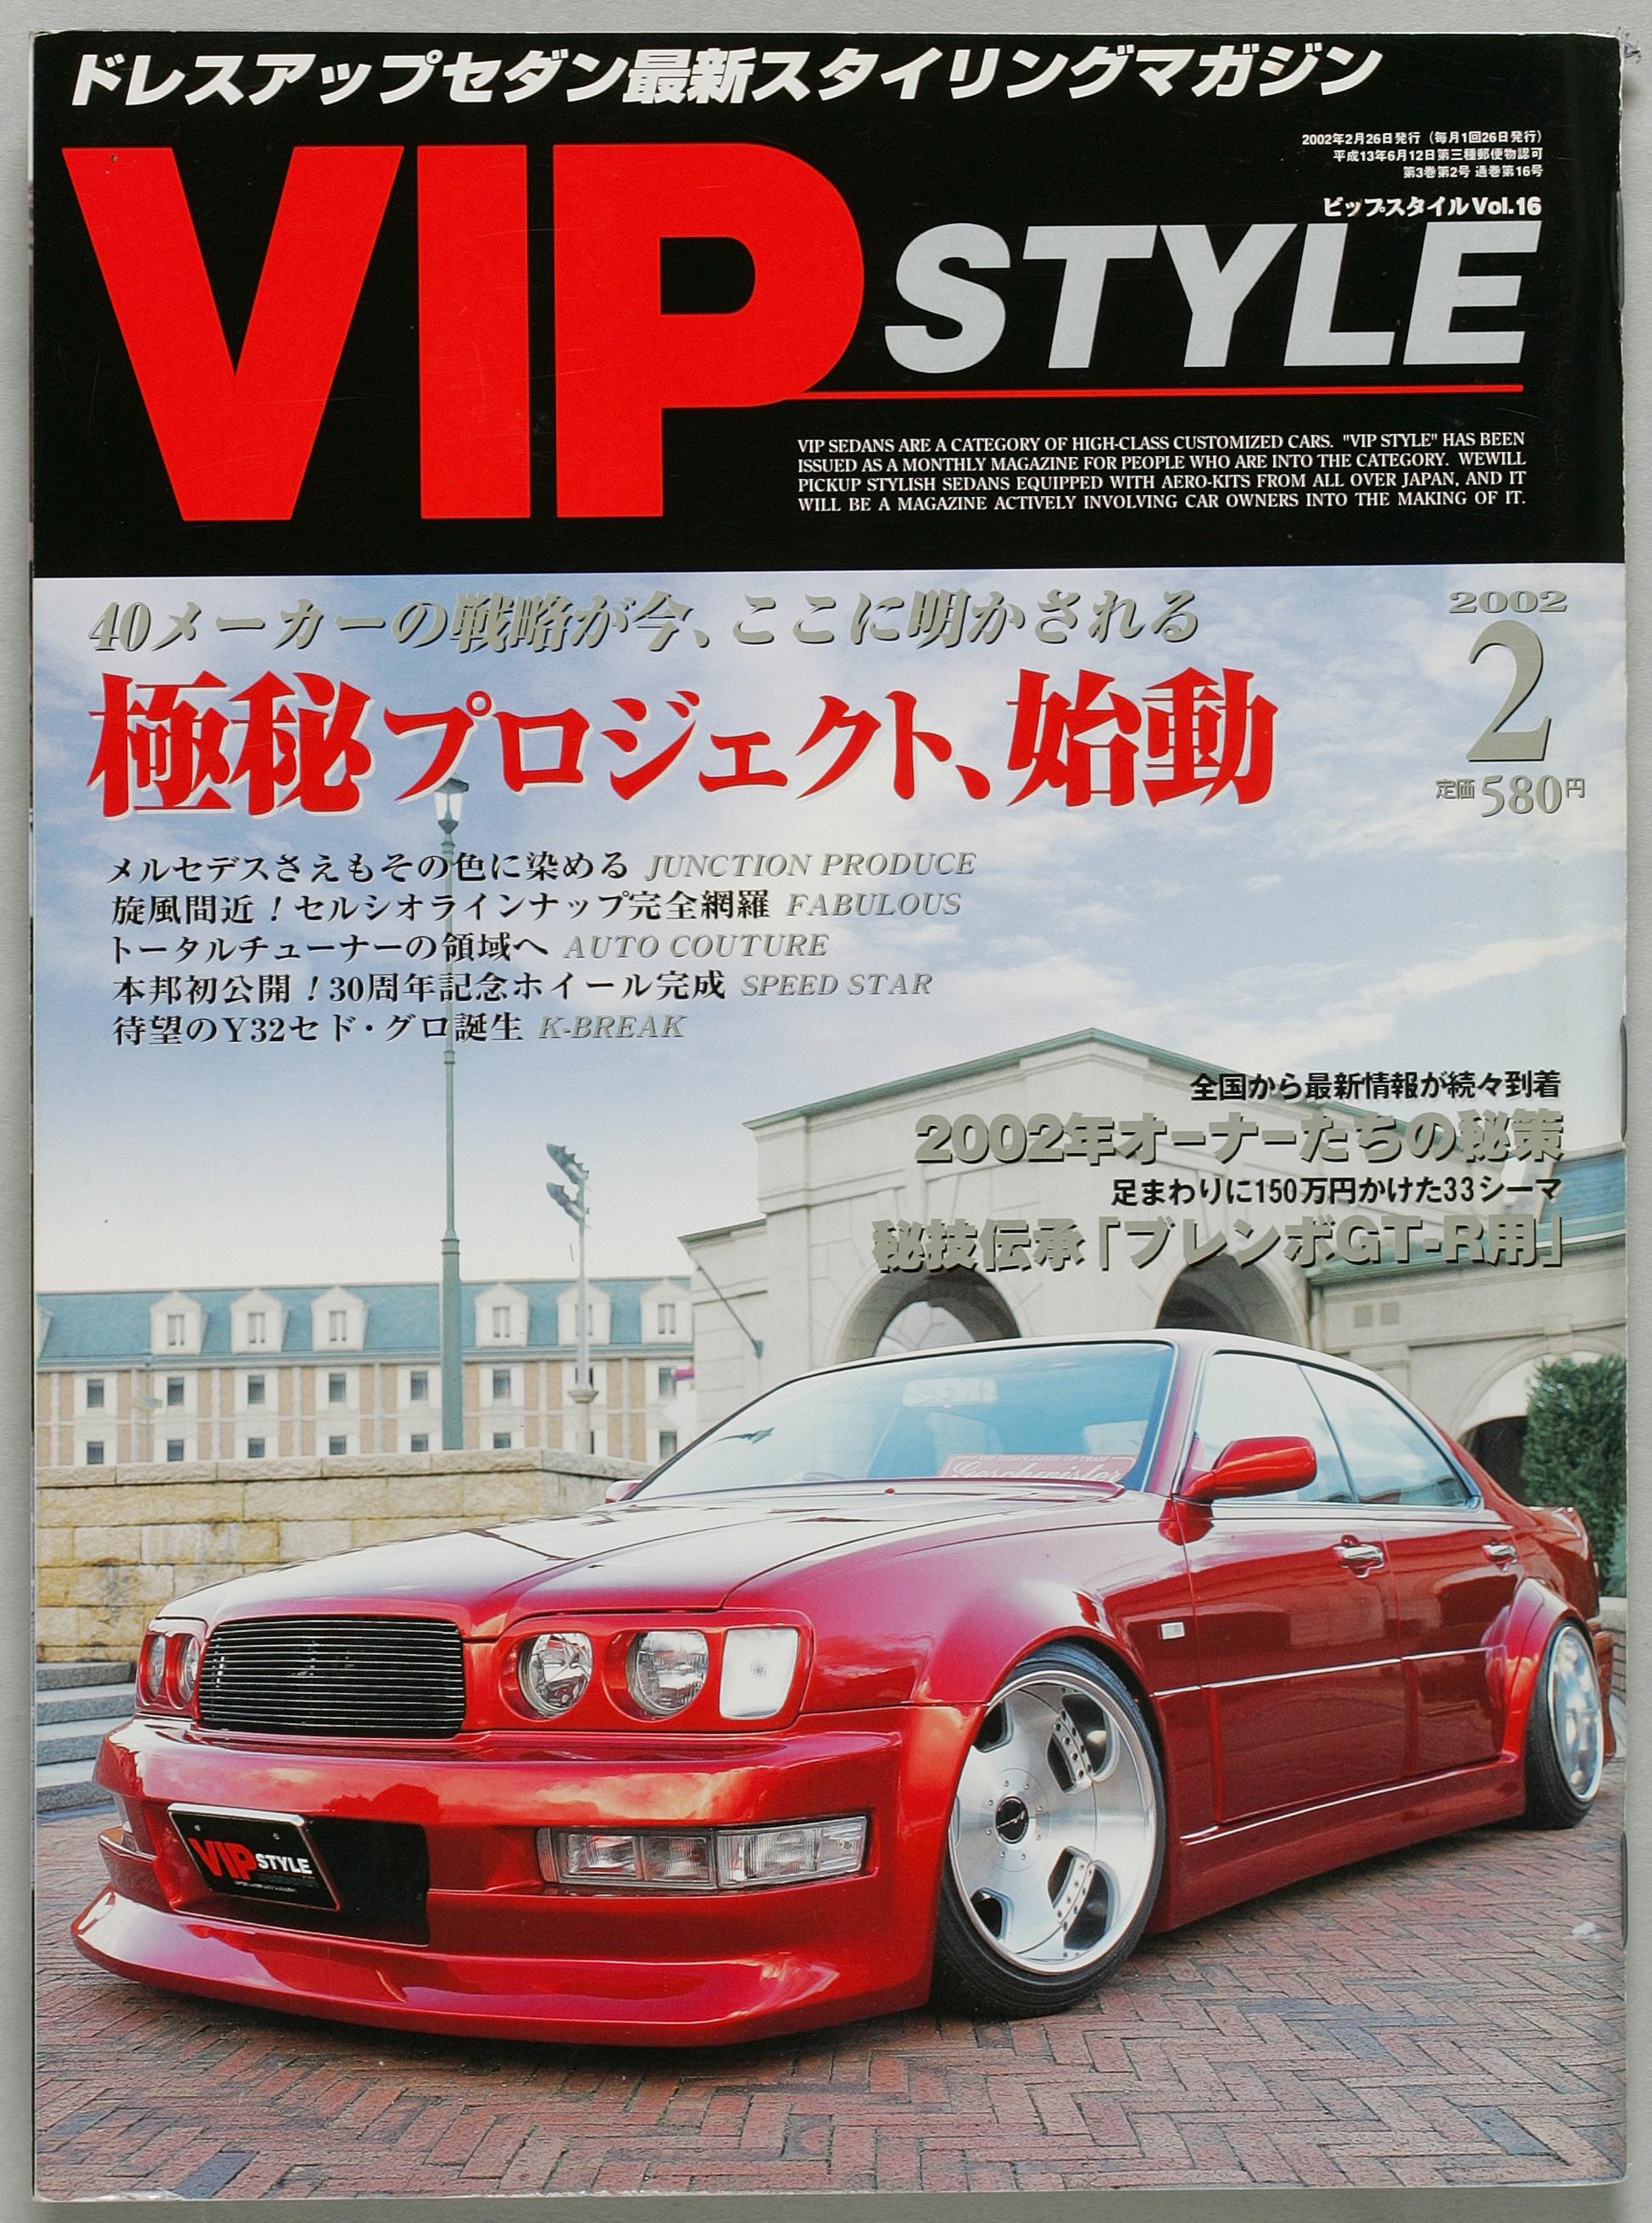 VIPスタイル VOL.16